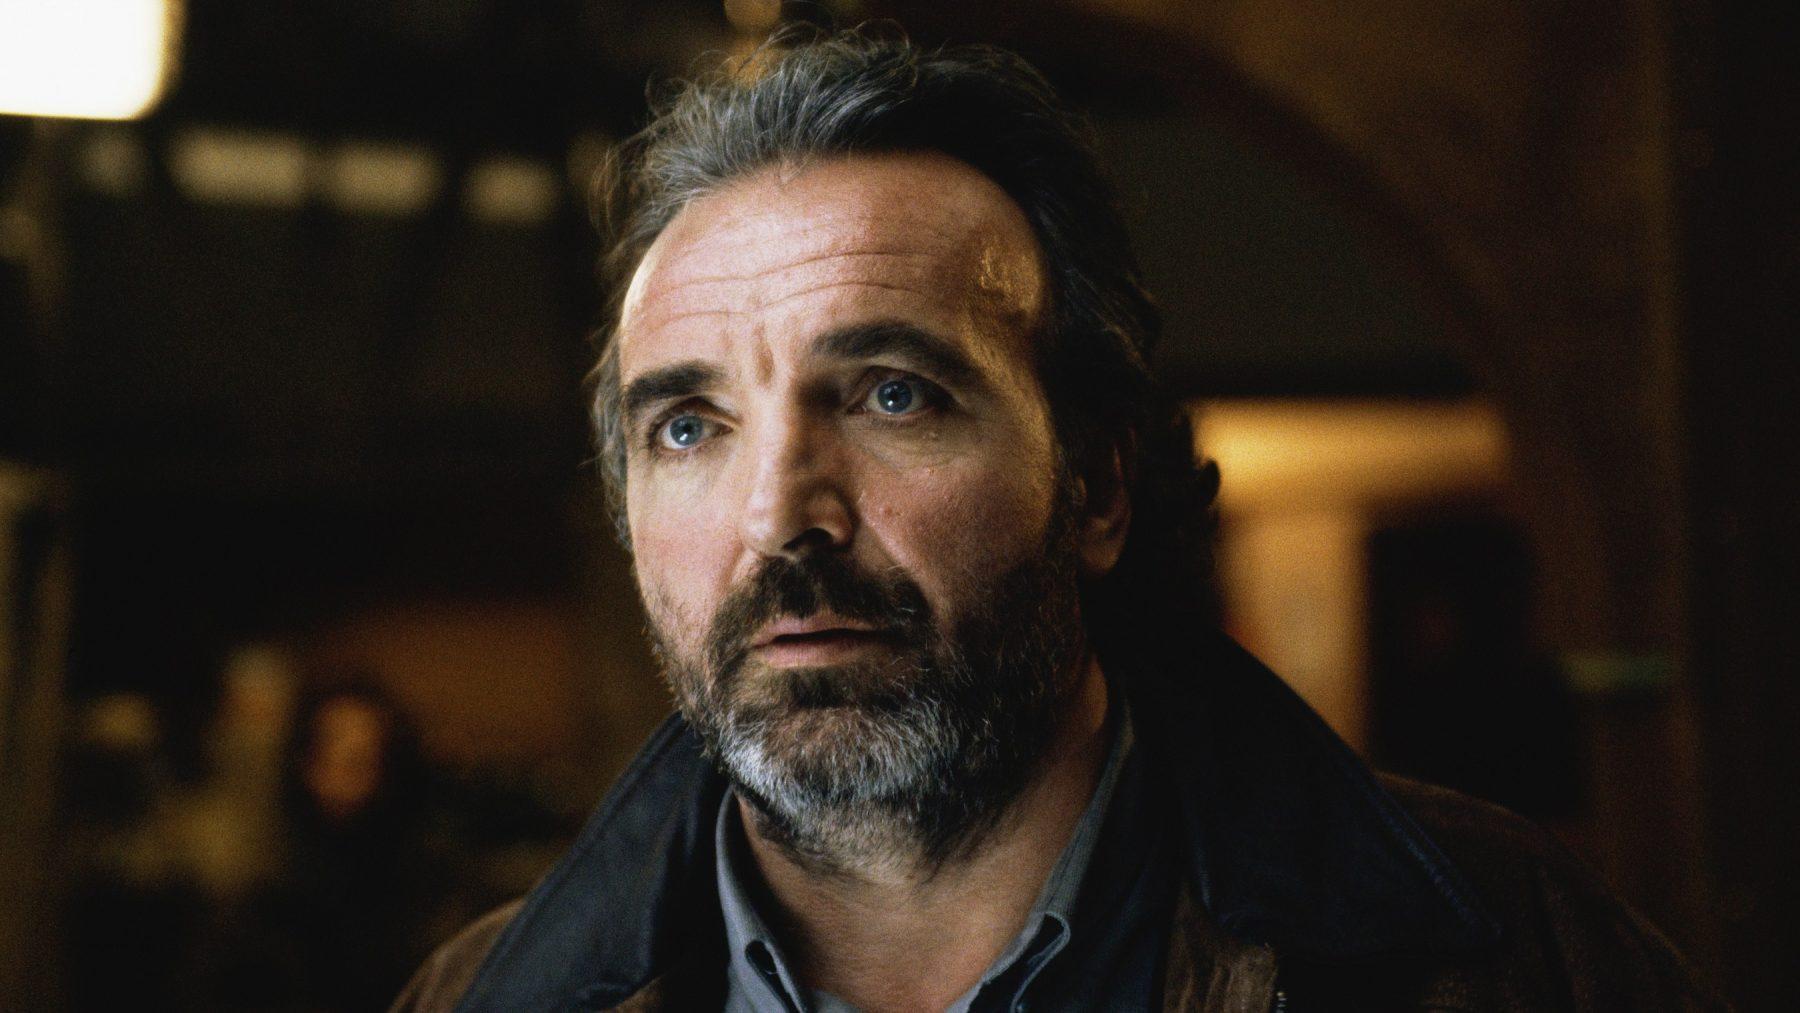 Vlaamse acteur Michel Van Dousselaere op 73-jarige leeftijd overleden